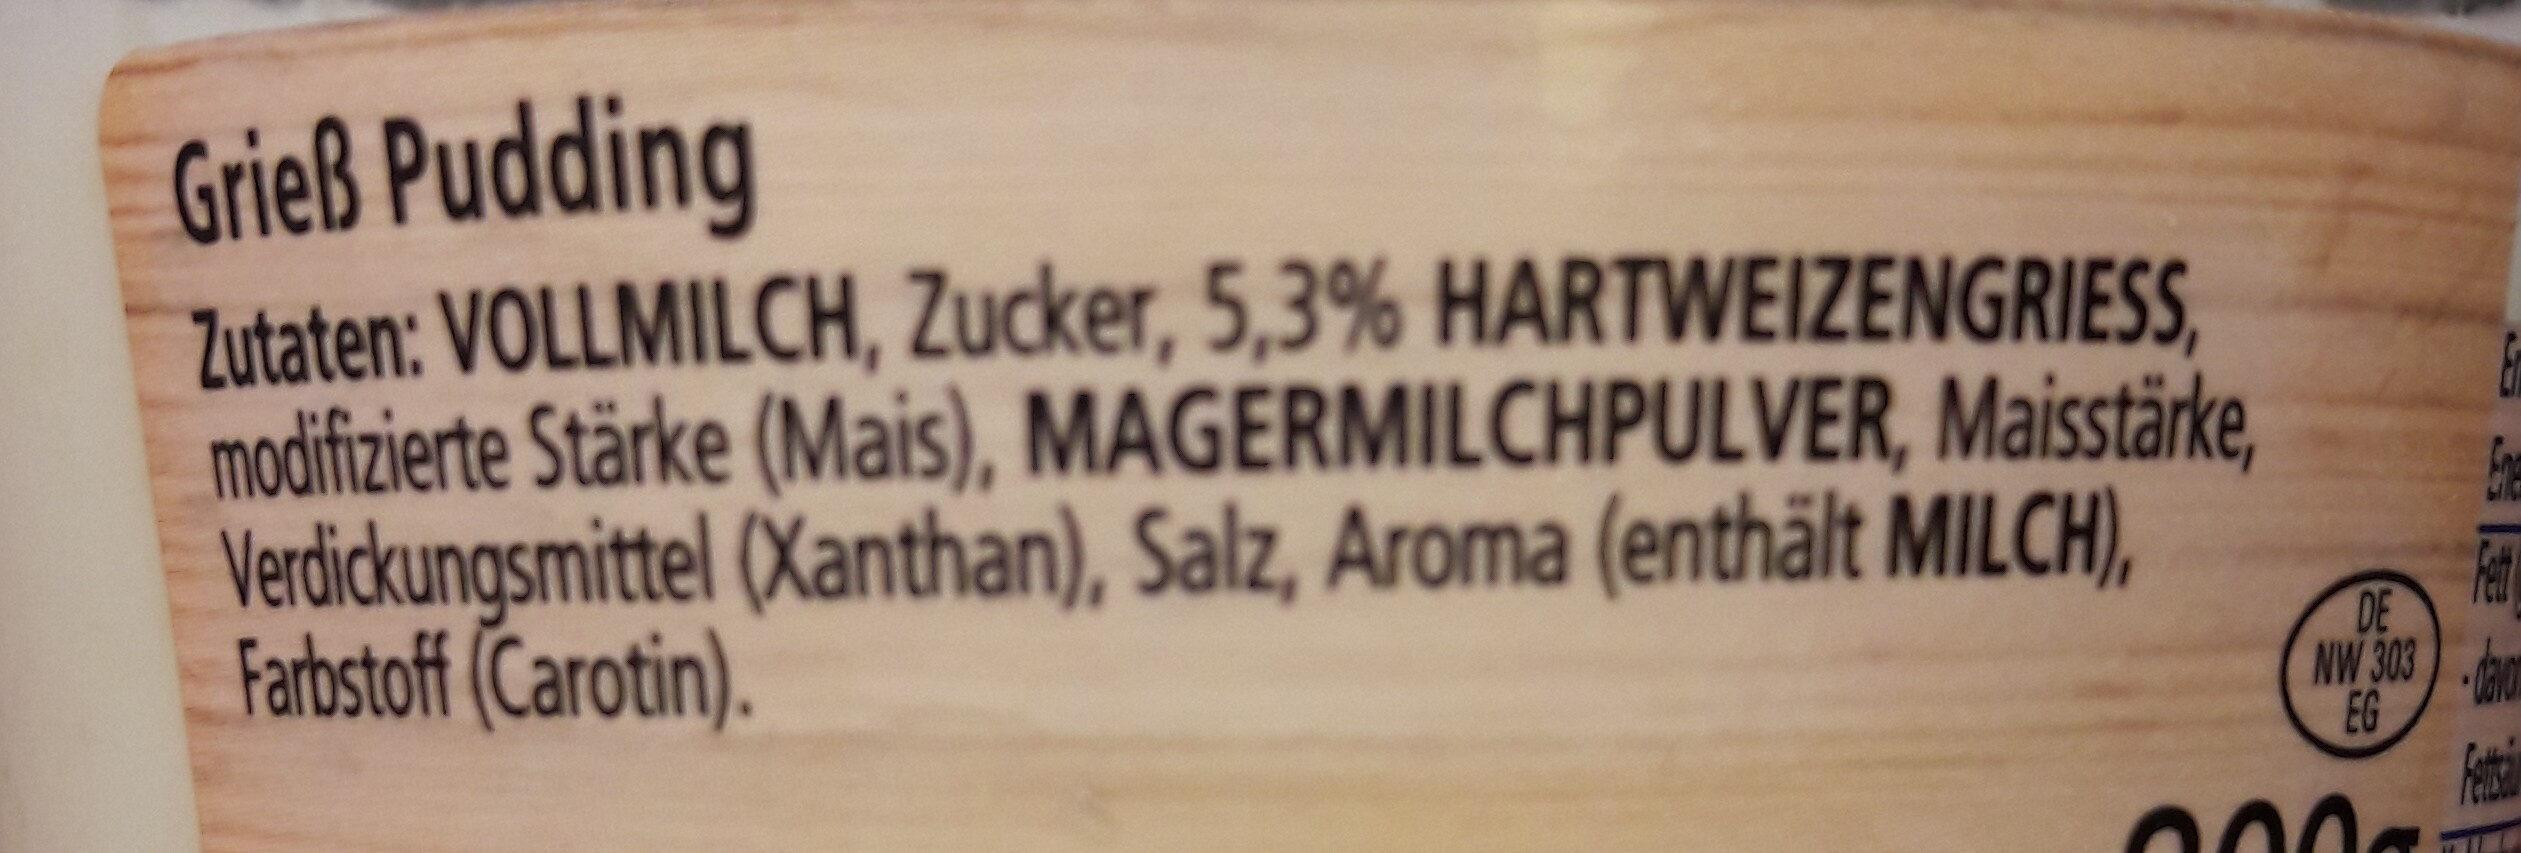 Grieß Pudding Natur - Ingredients - de